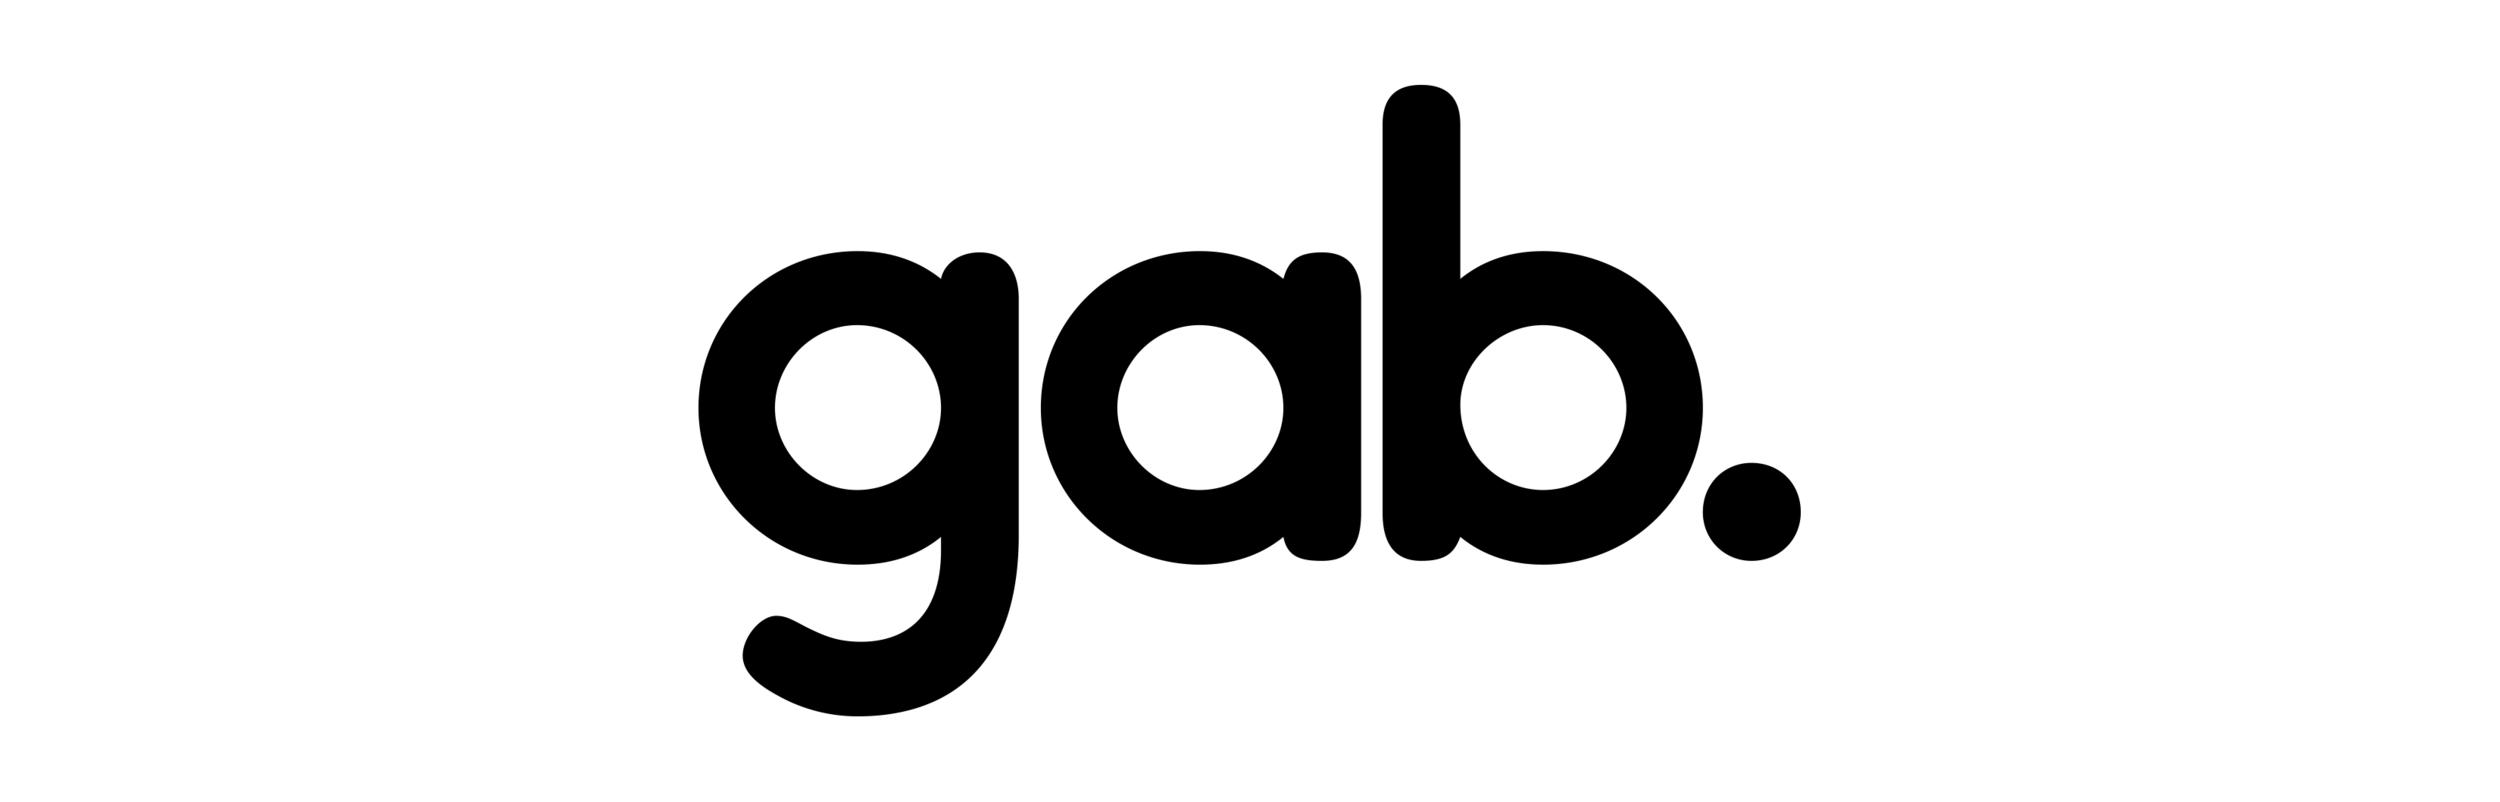 gab..png